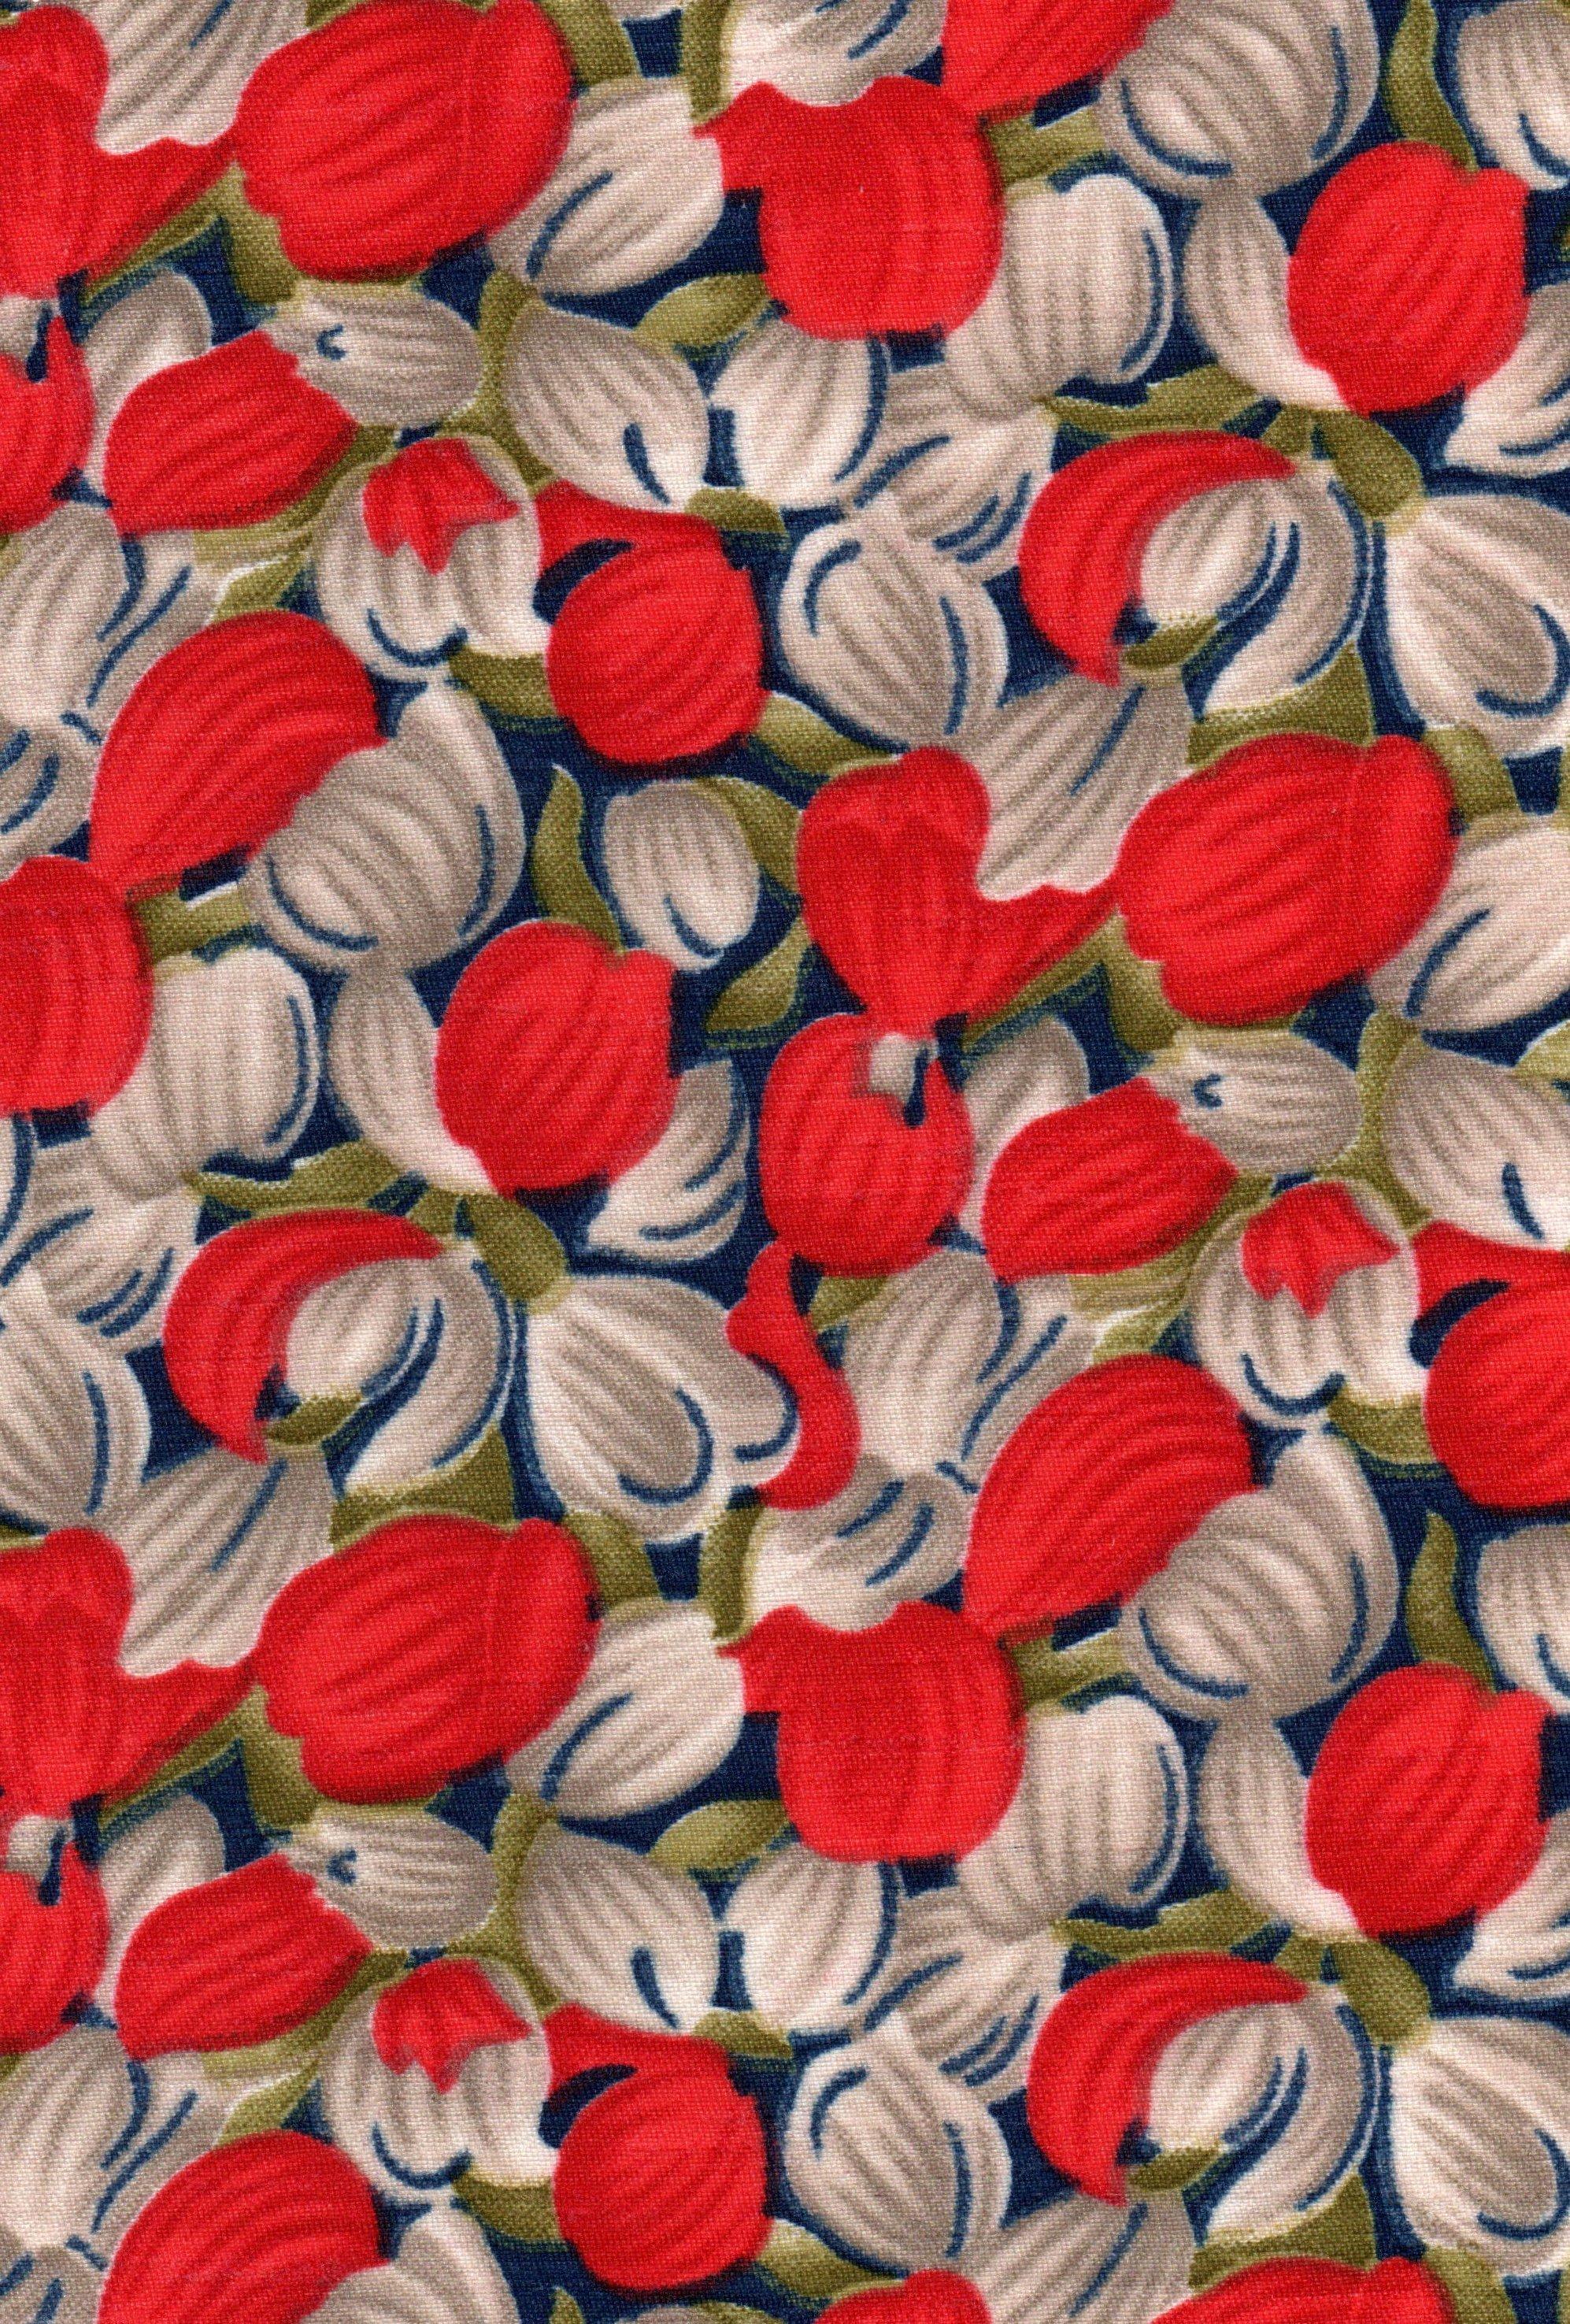 Banglori satin print Fabric